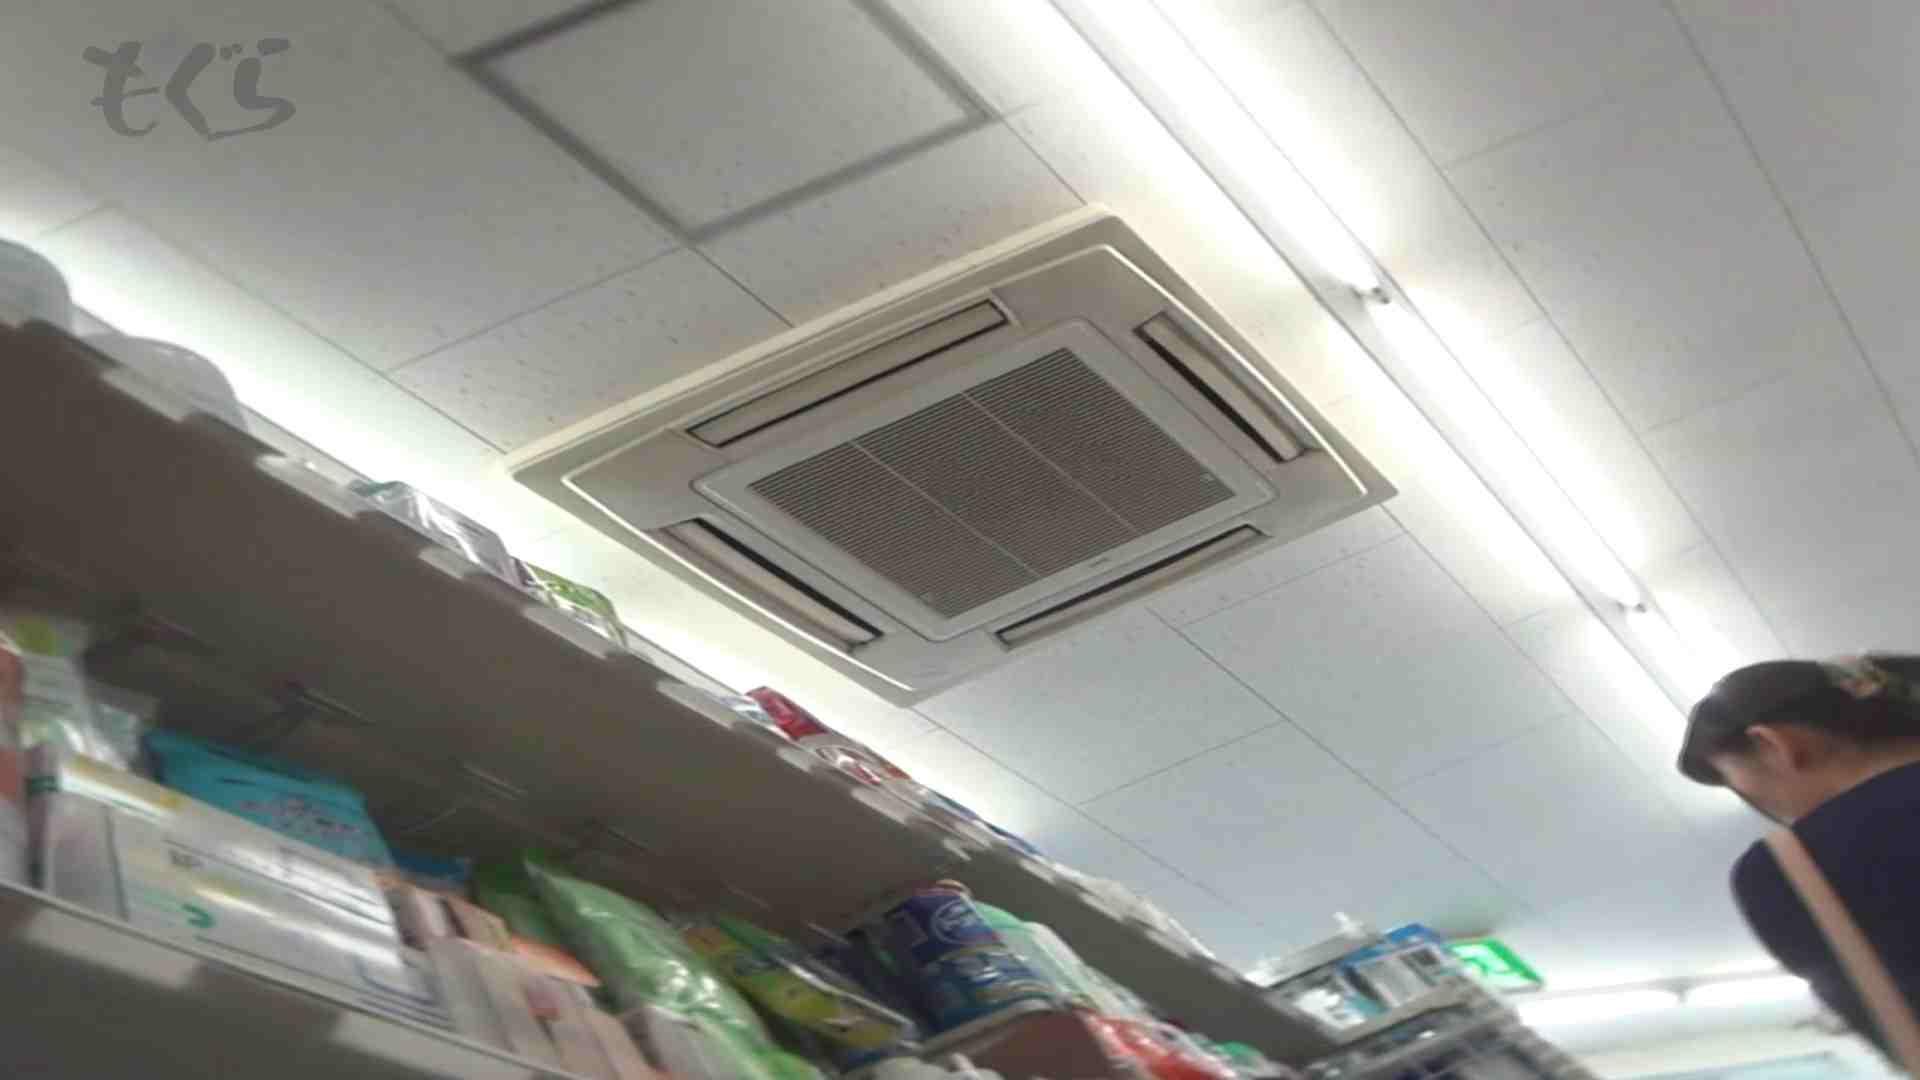 隣からNo38 暑いので涼しげワンピースがたっぷりです。 覗き | ギャル・コレクション  87連発 21